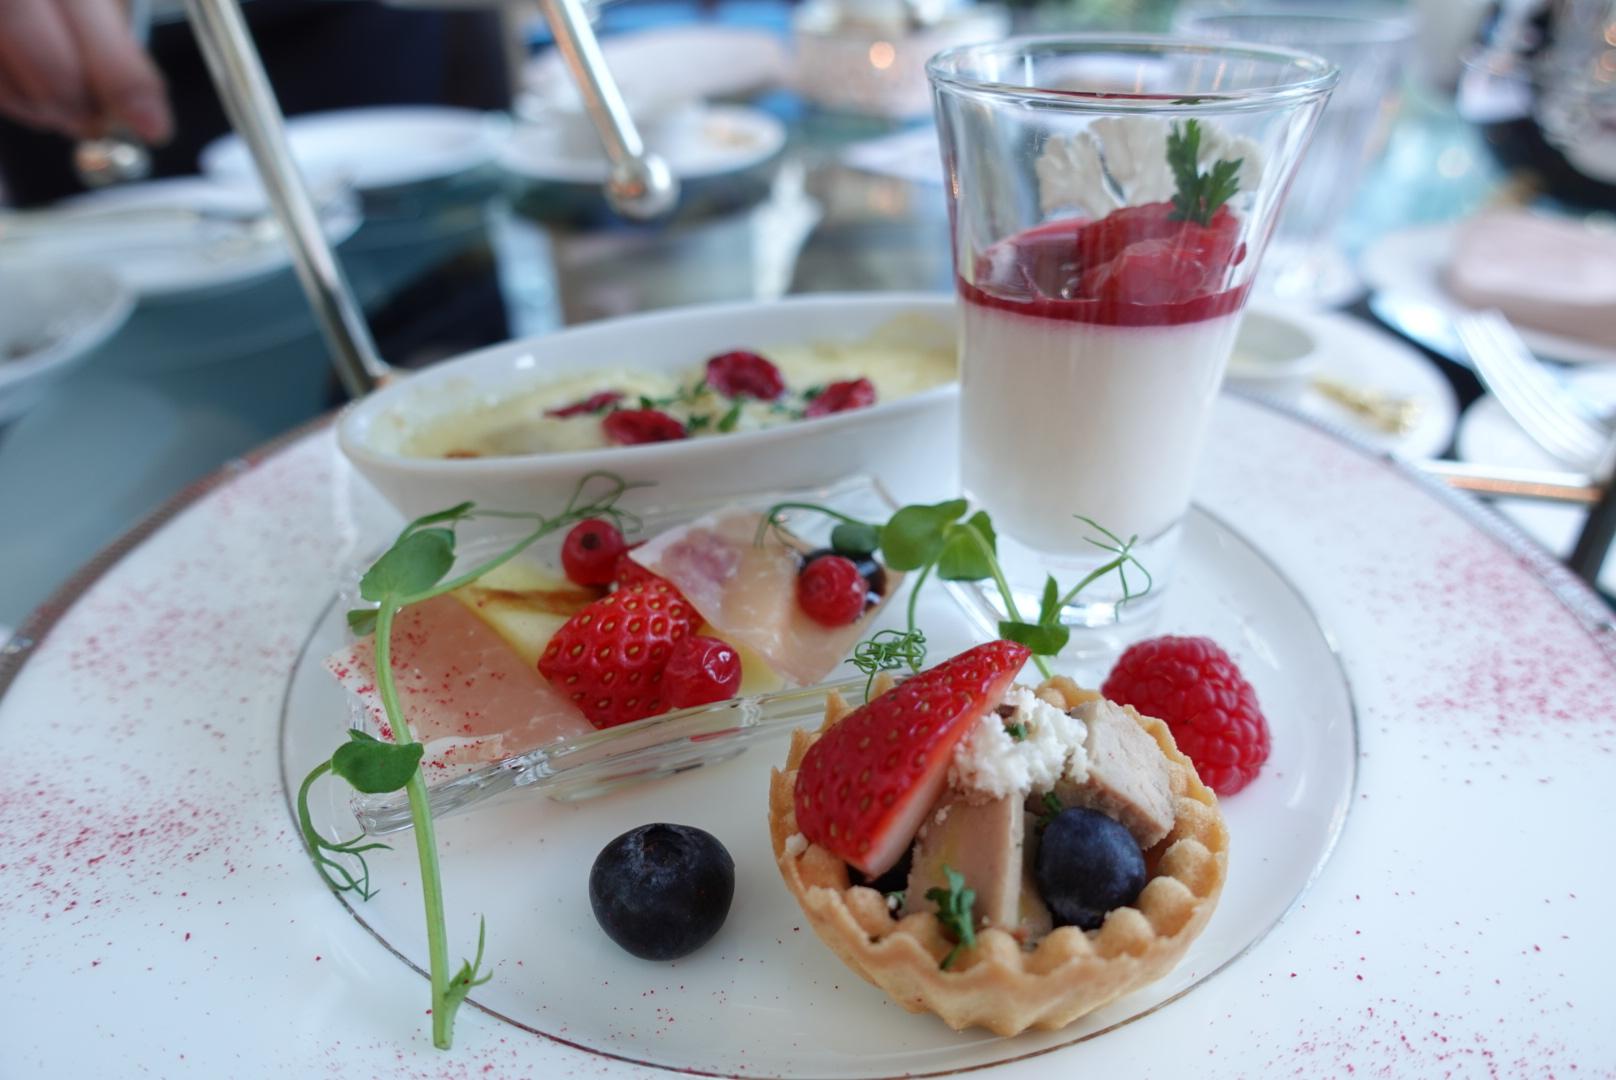 【大阪】ウェスティンホテル大阪の「Berry Berry アフタヌーンティー」でいちごを堪能!お庭に鯉も泳いでいて癒やされた_4